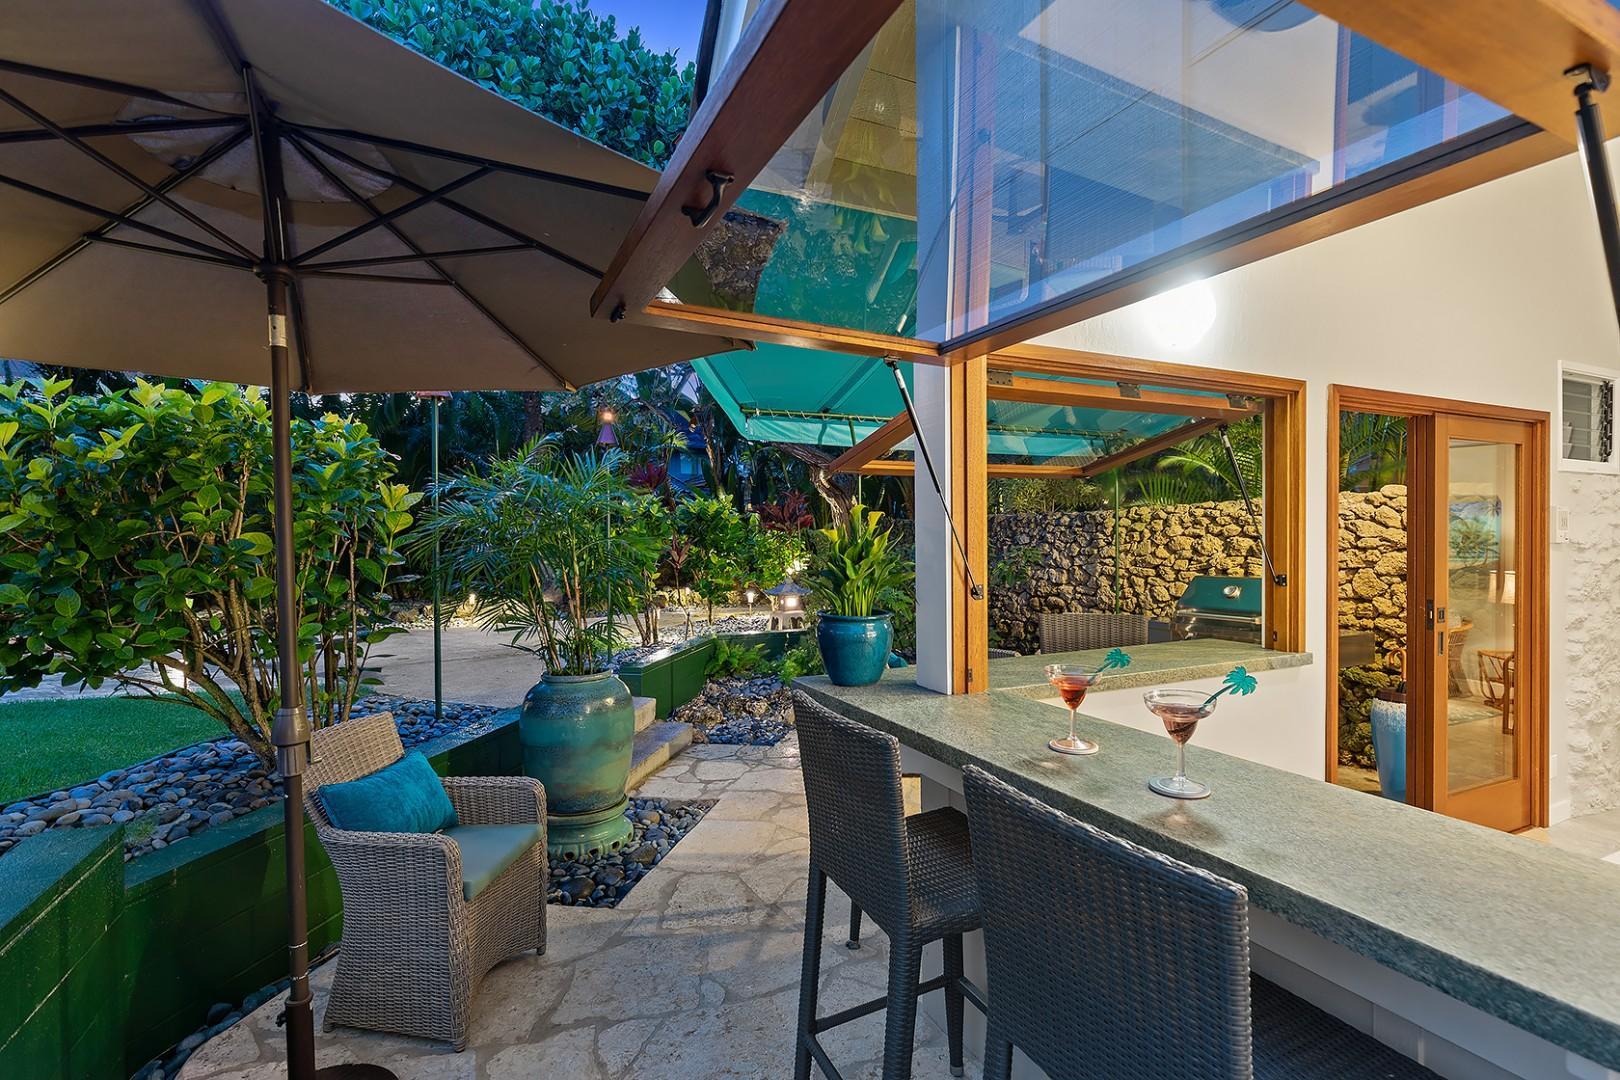 Pool House - Open Air Bar